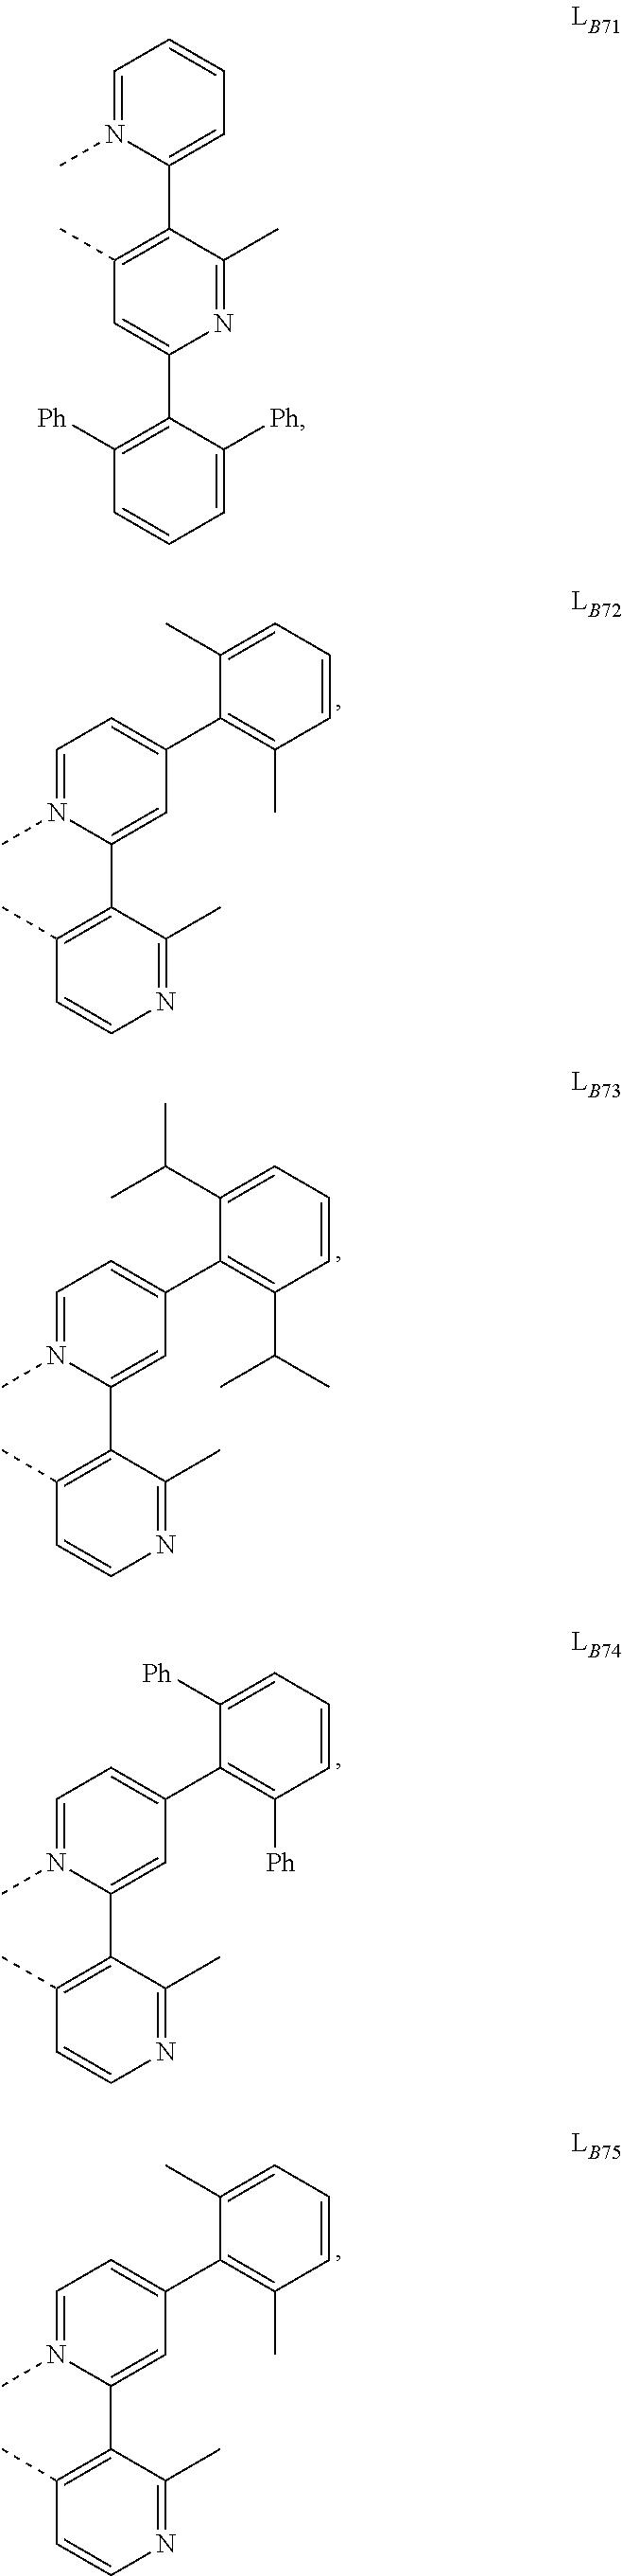 Figure US09905785-20180227-C00513